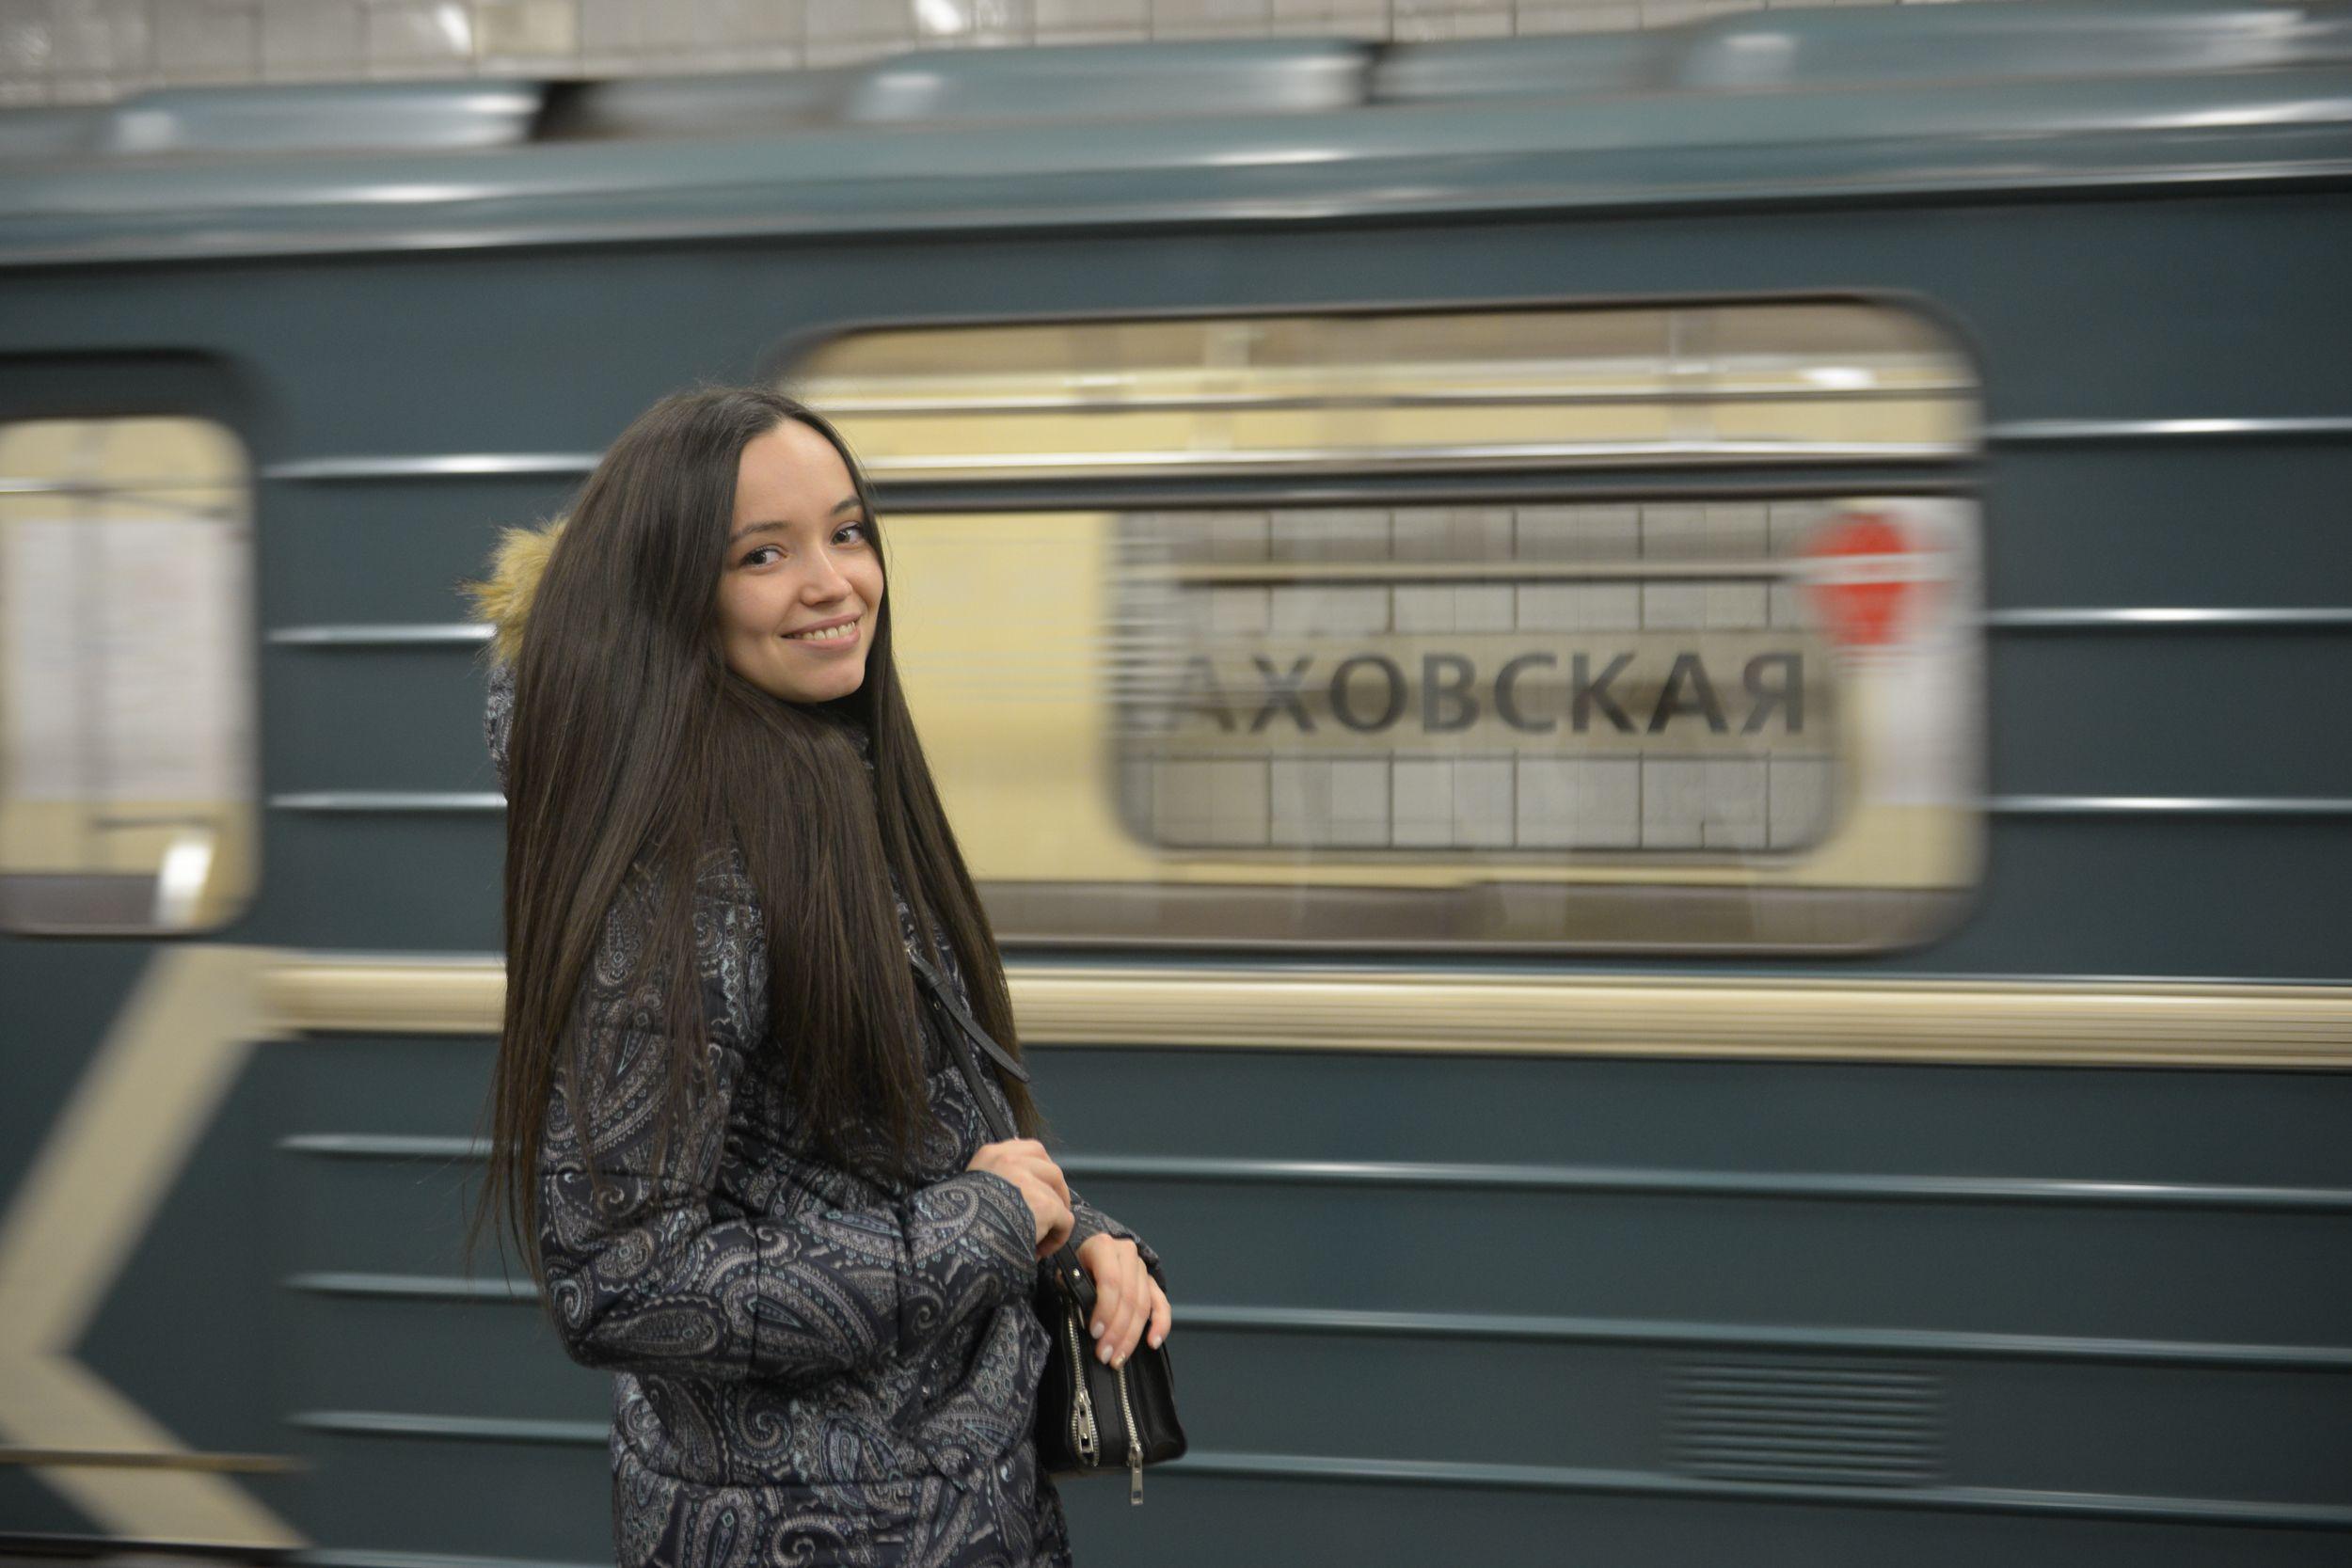 Движение на восточном участке Сокольнической линии введено в график